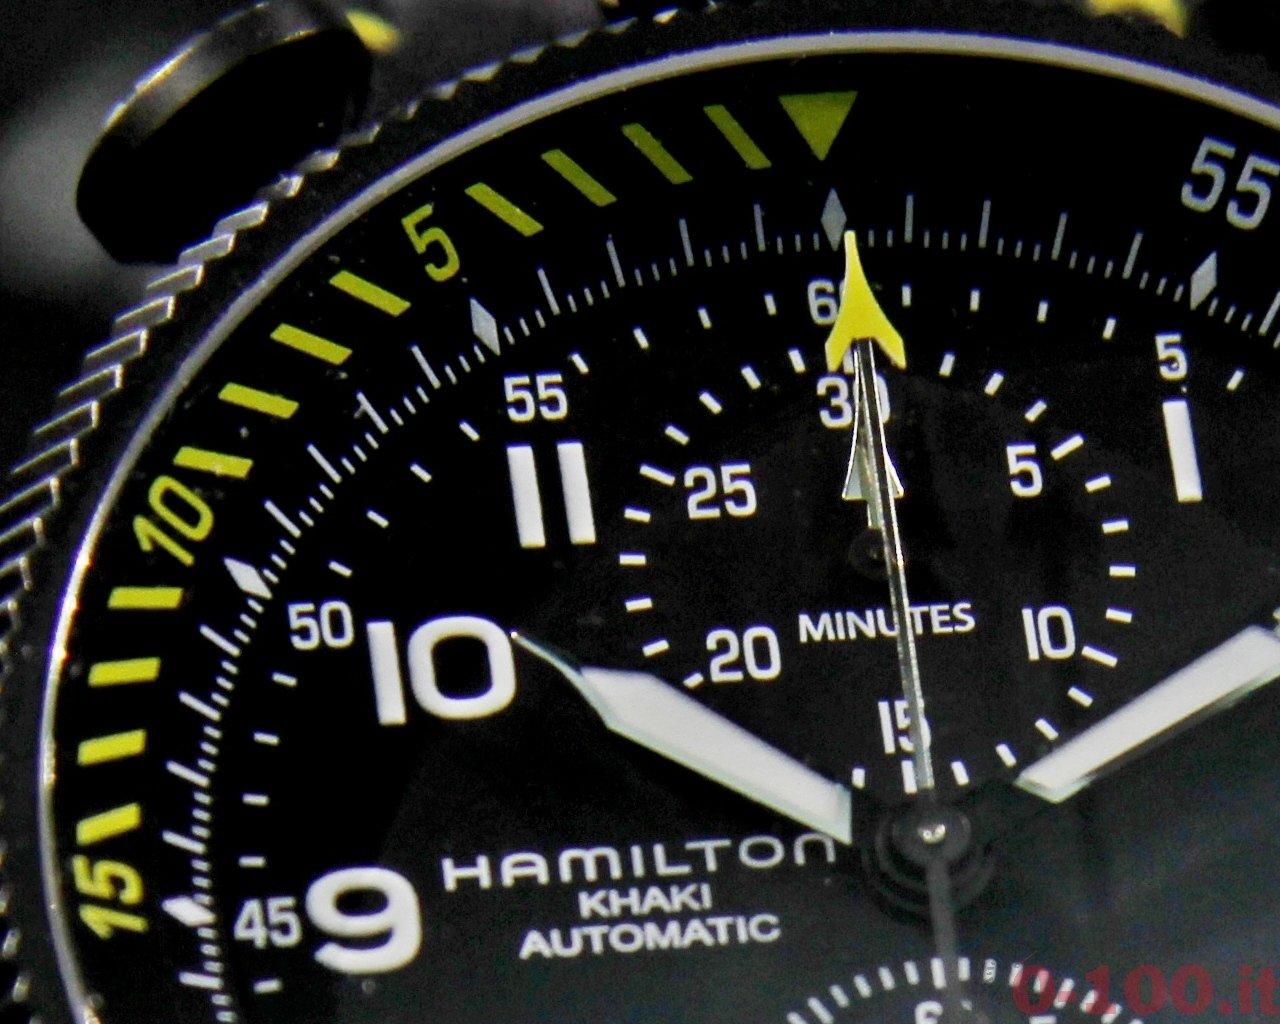 Hamilton-khaki-takeoff-auto-chrono-limited-edition-0-100_8